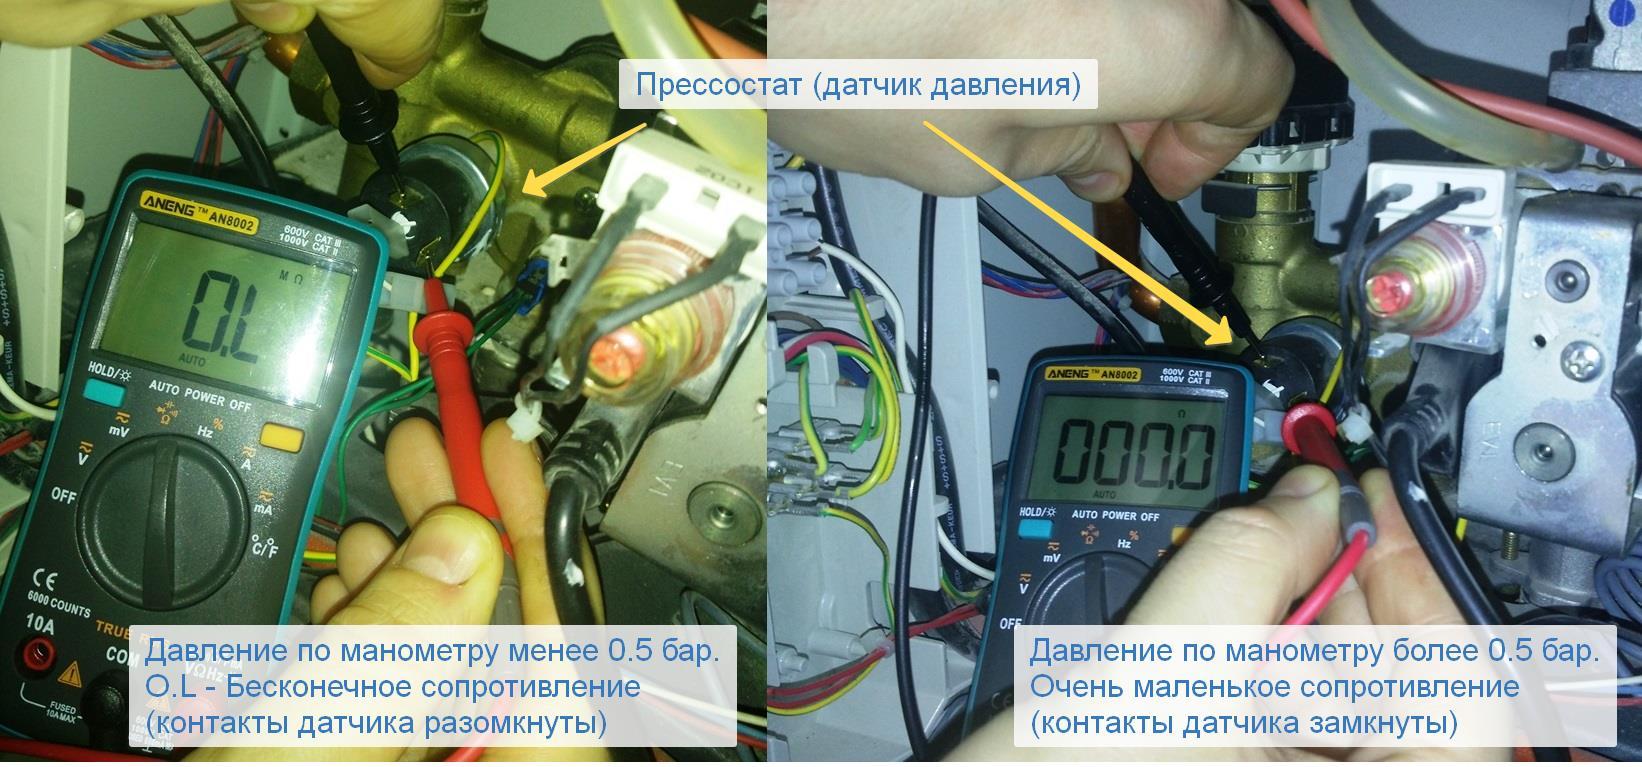 Проверка датчика давления BAXI ошибка е10